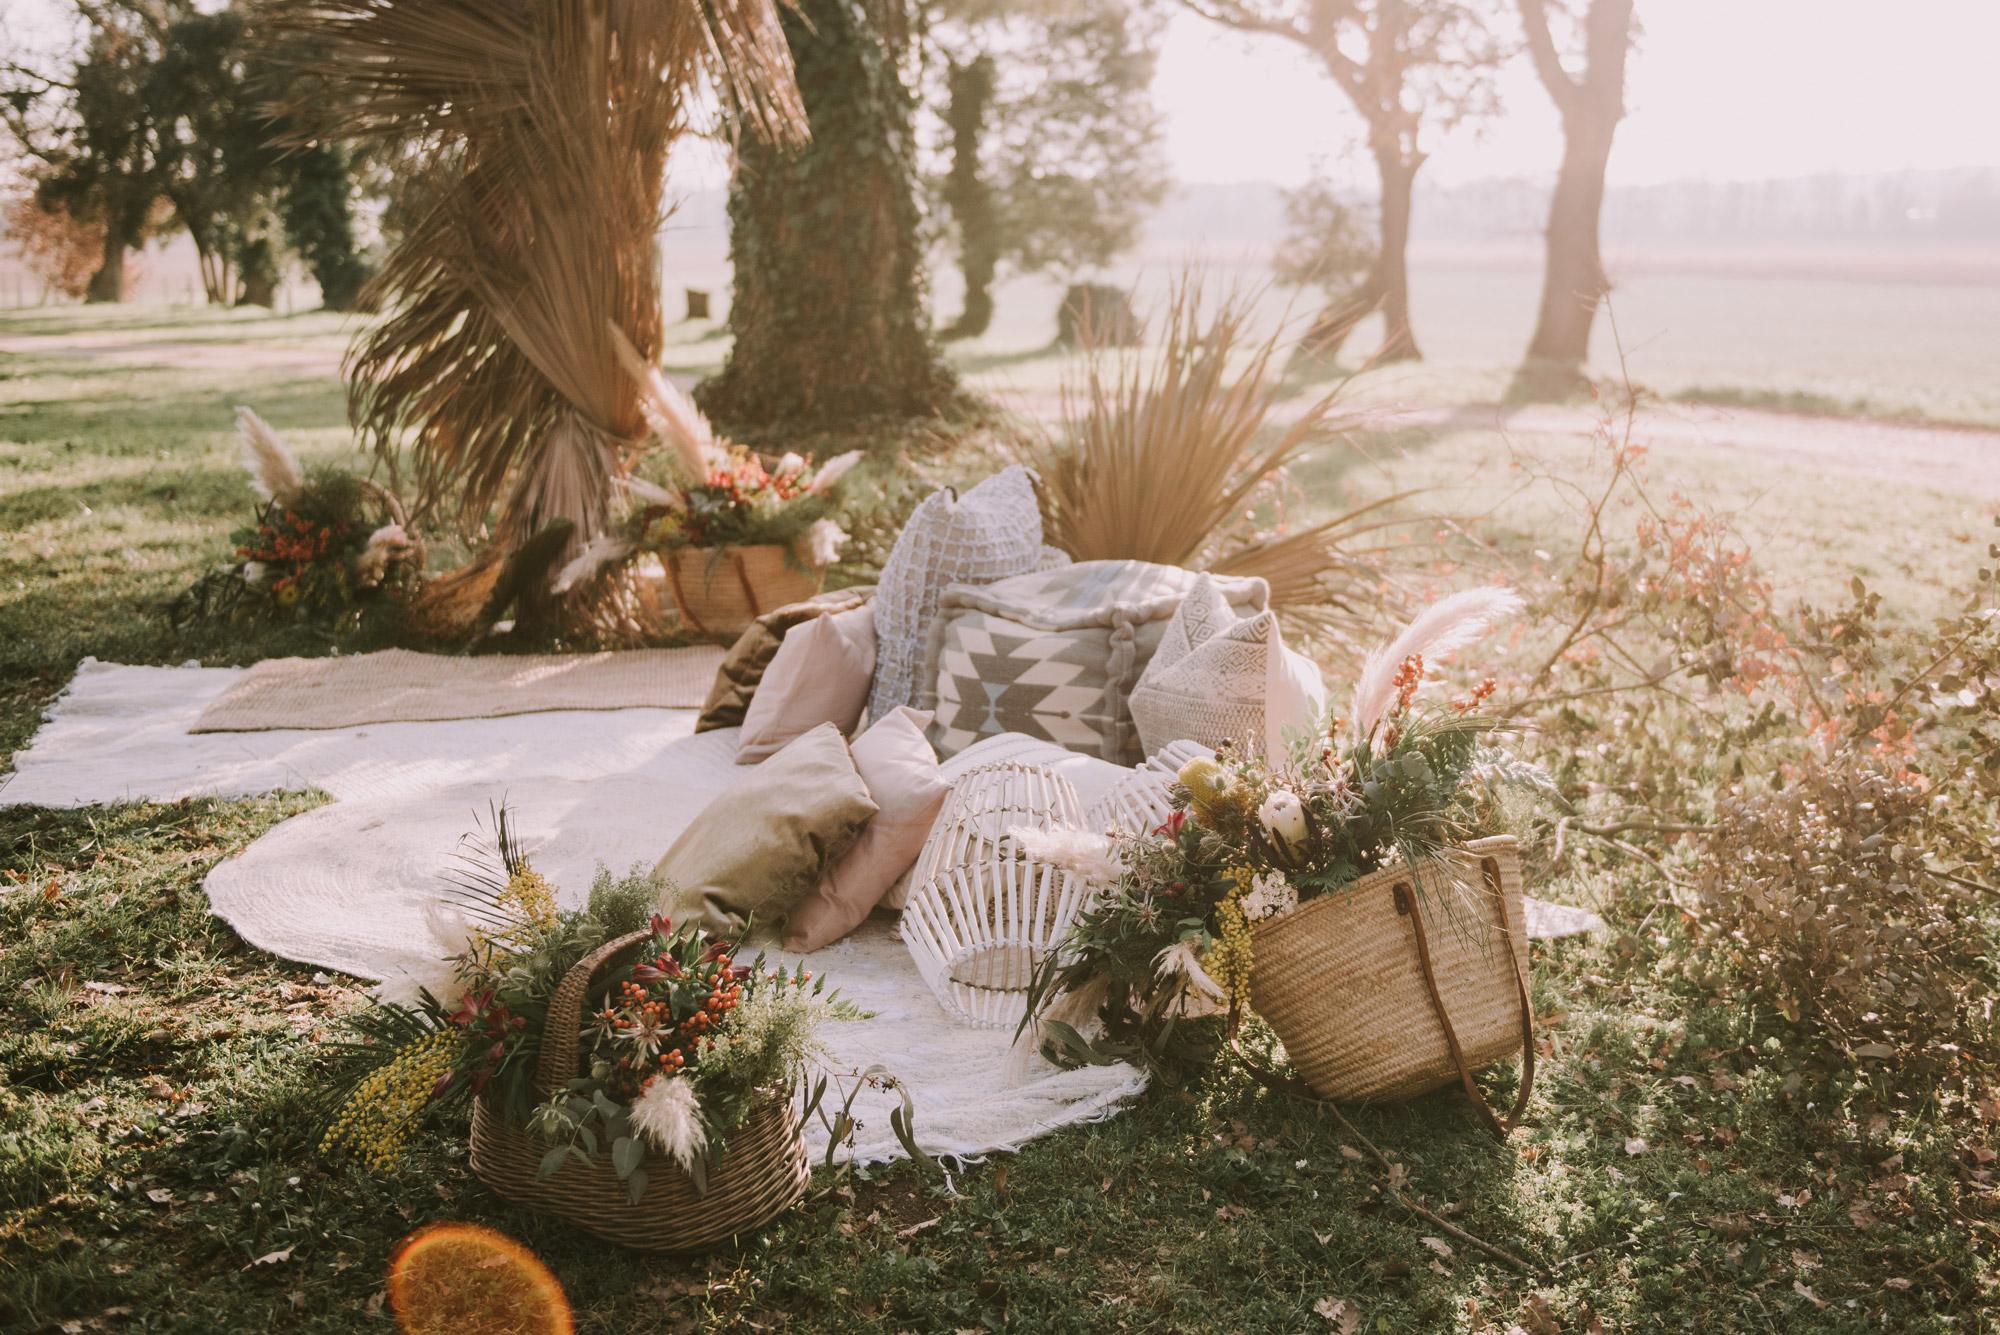 Inspiracion de bodas Masia Can Cateura - El taller de nice day - Wedding Planner Girona